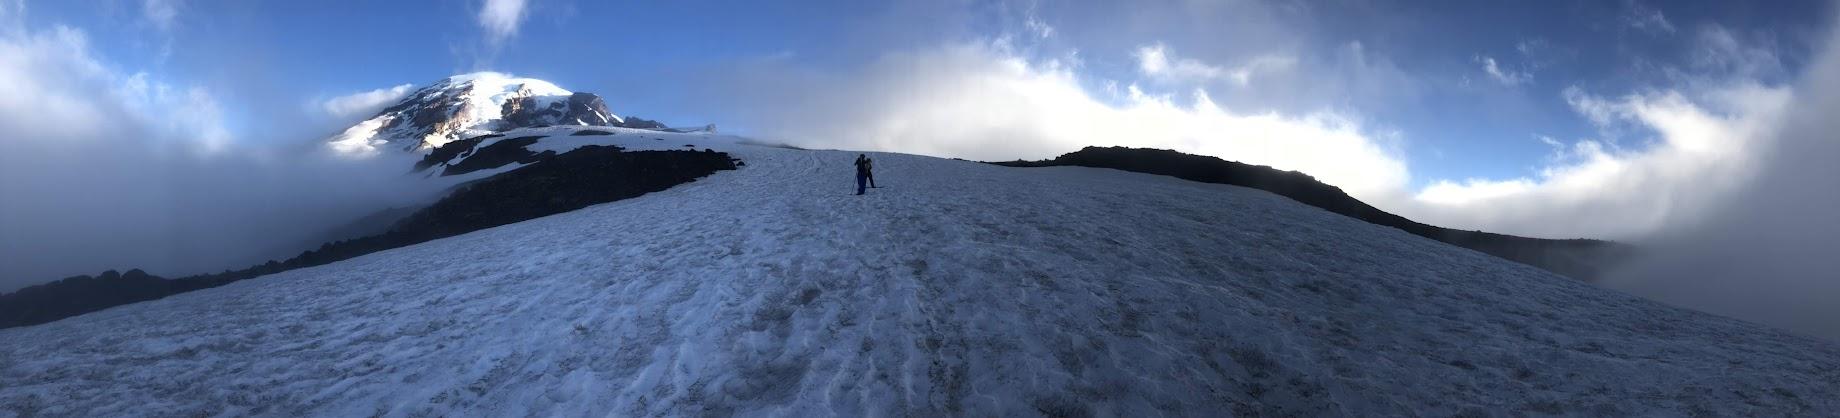 Climbing Panorama